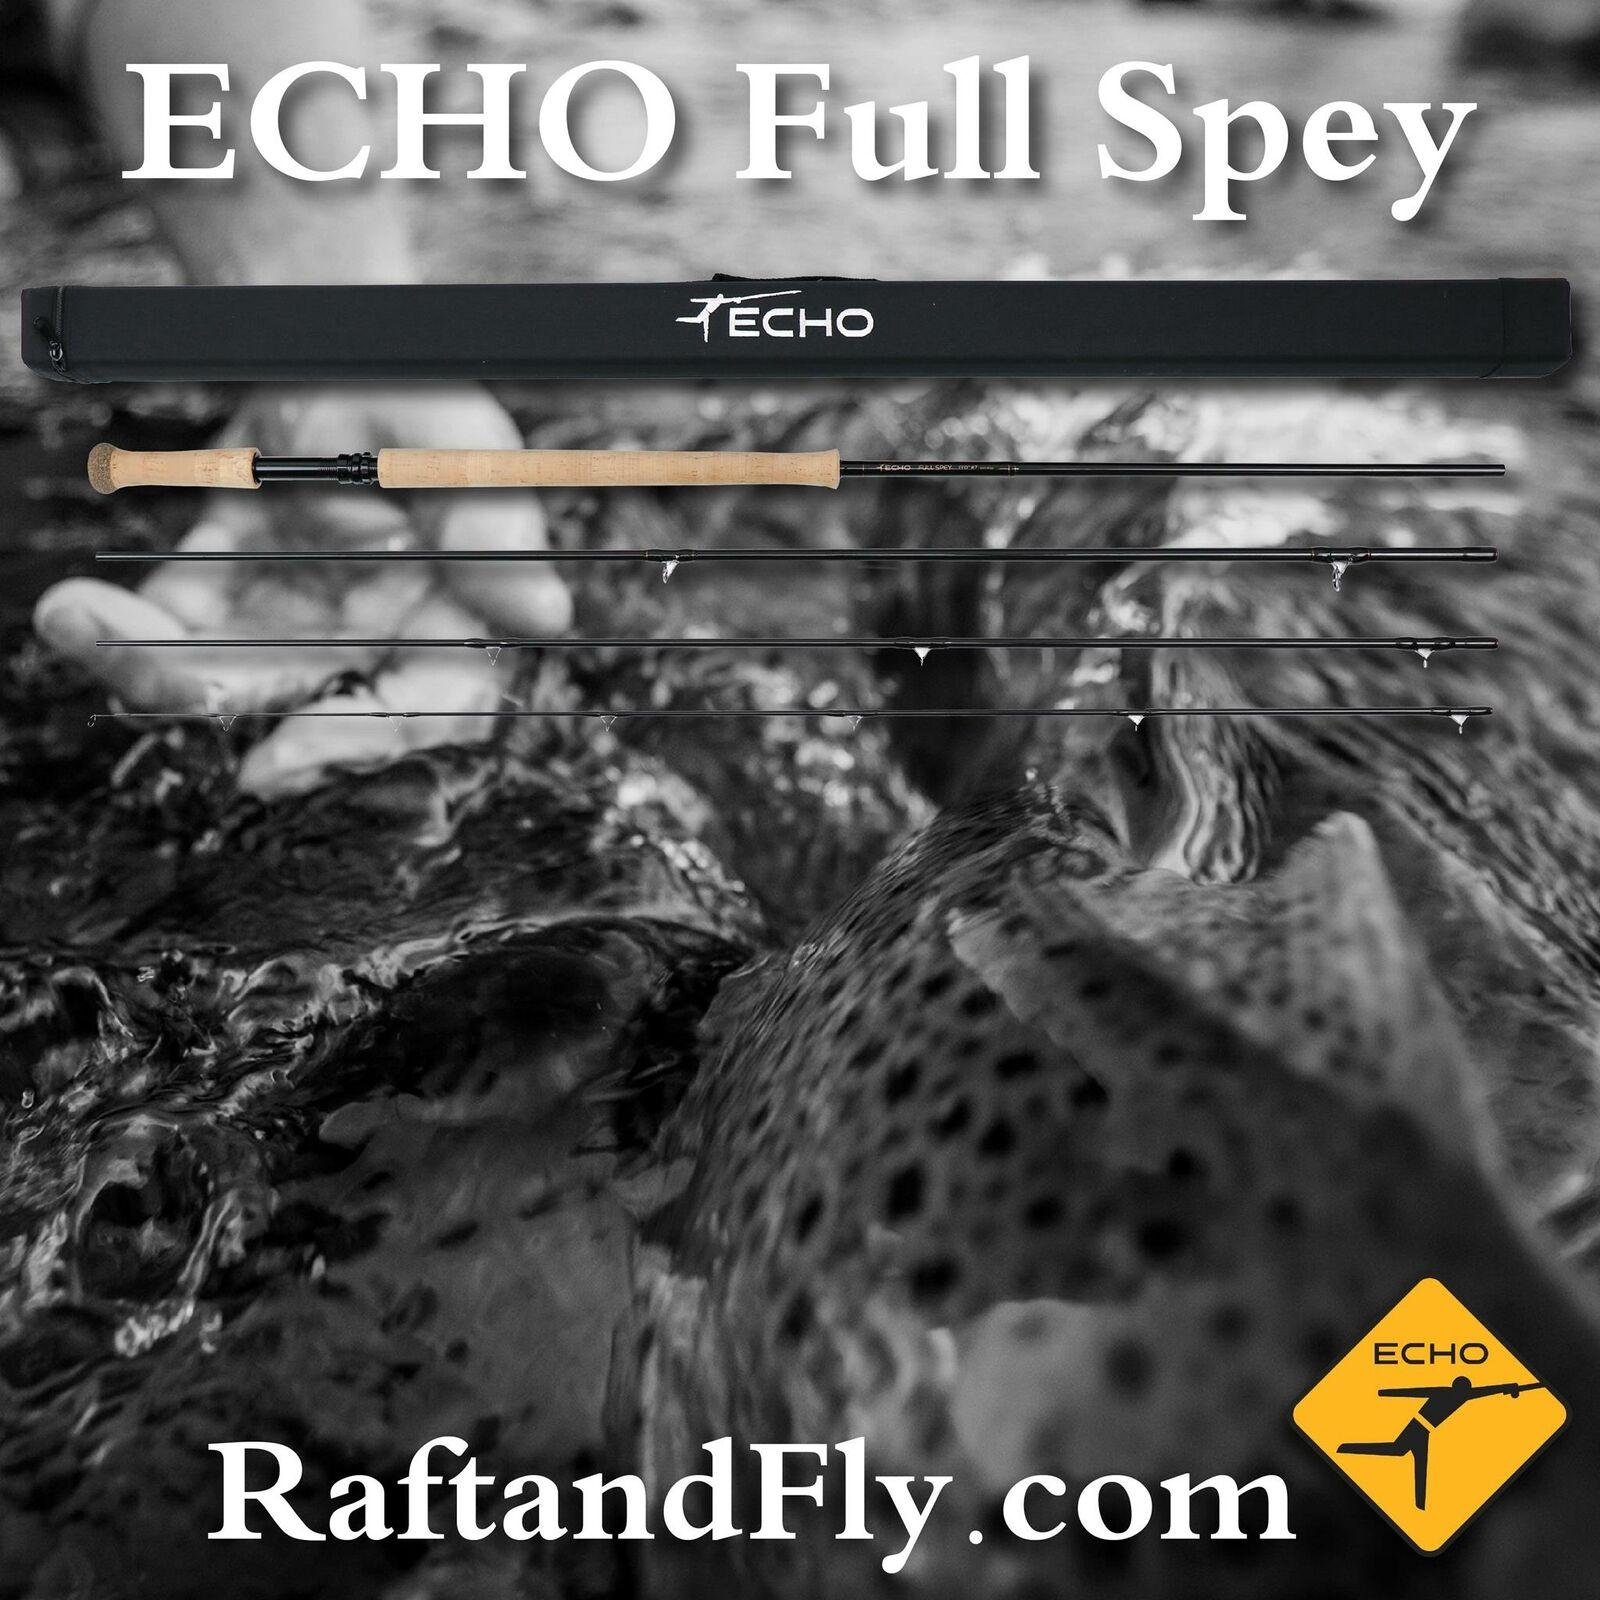 Echo Completo Completo Completo Spey 6wt 13' 0  - Garantía De Por Vida-Envío Gratis b253ce